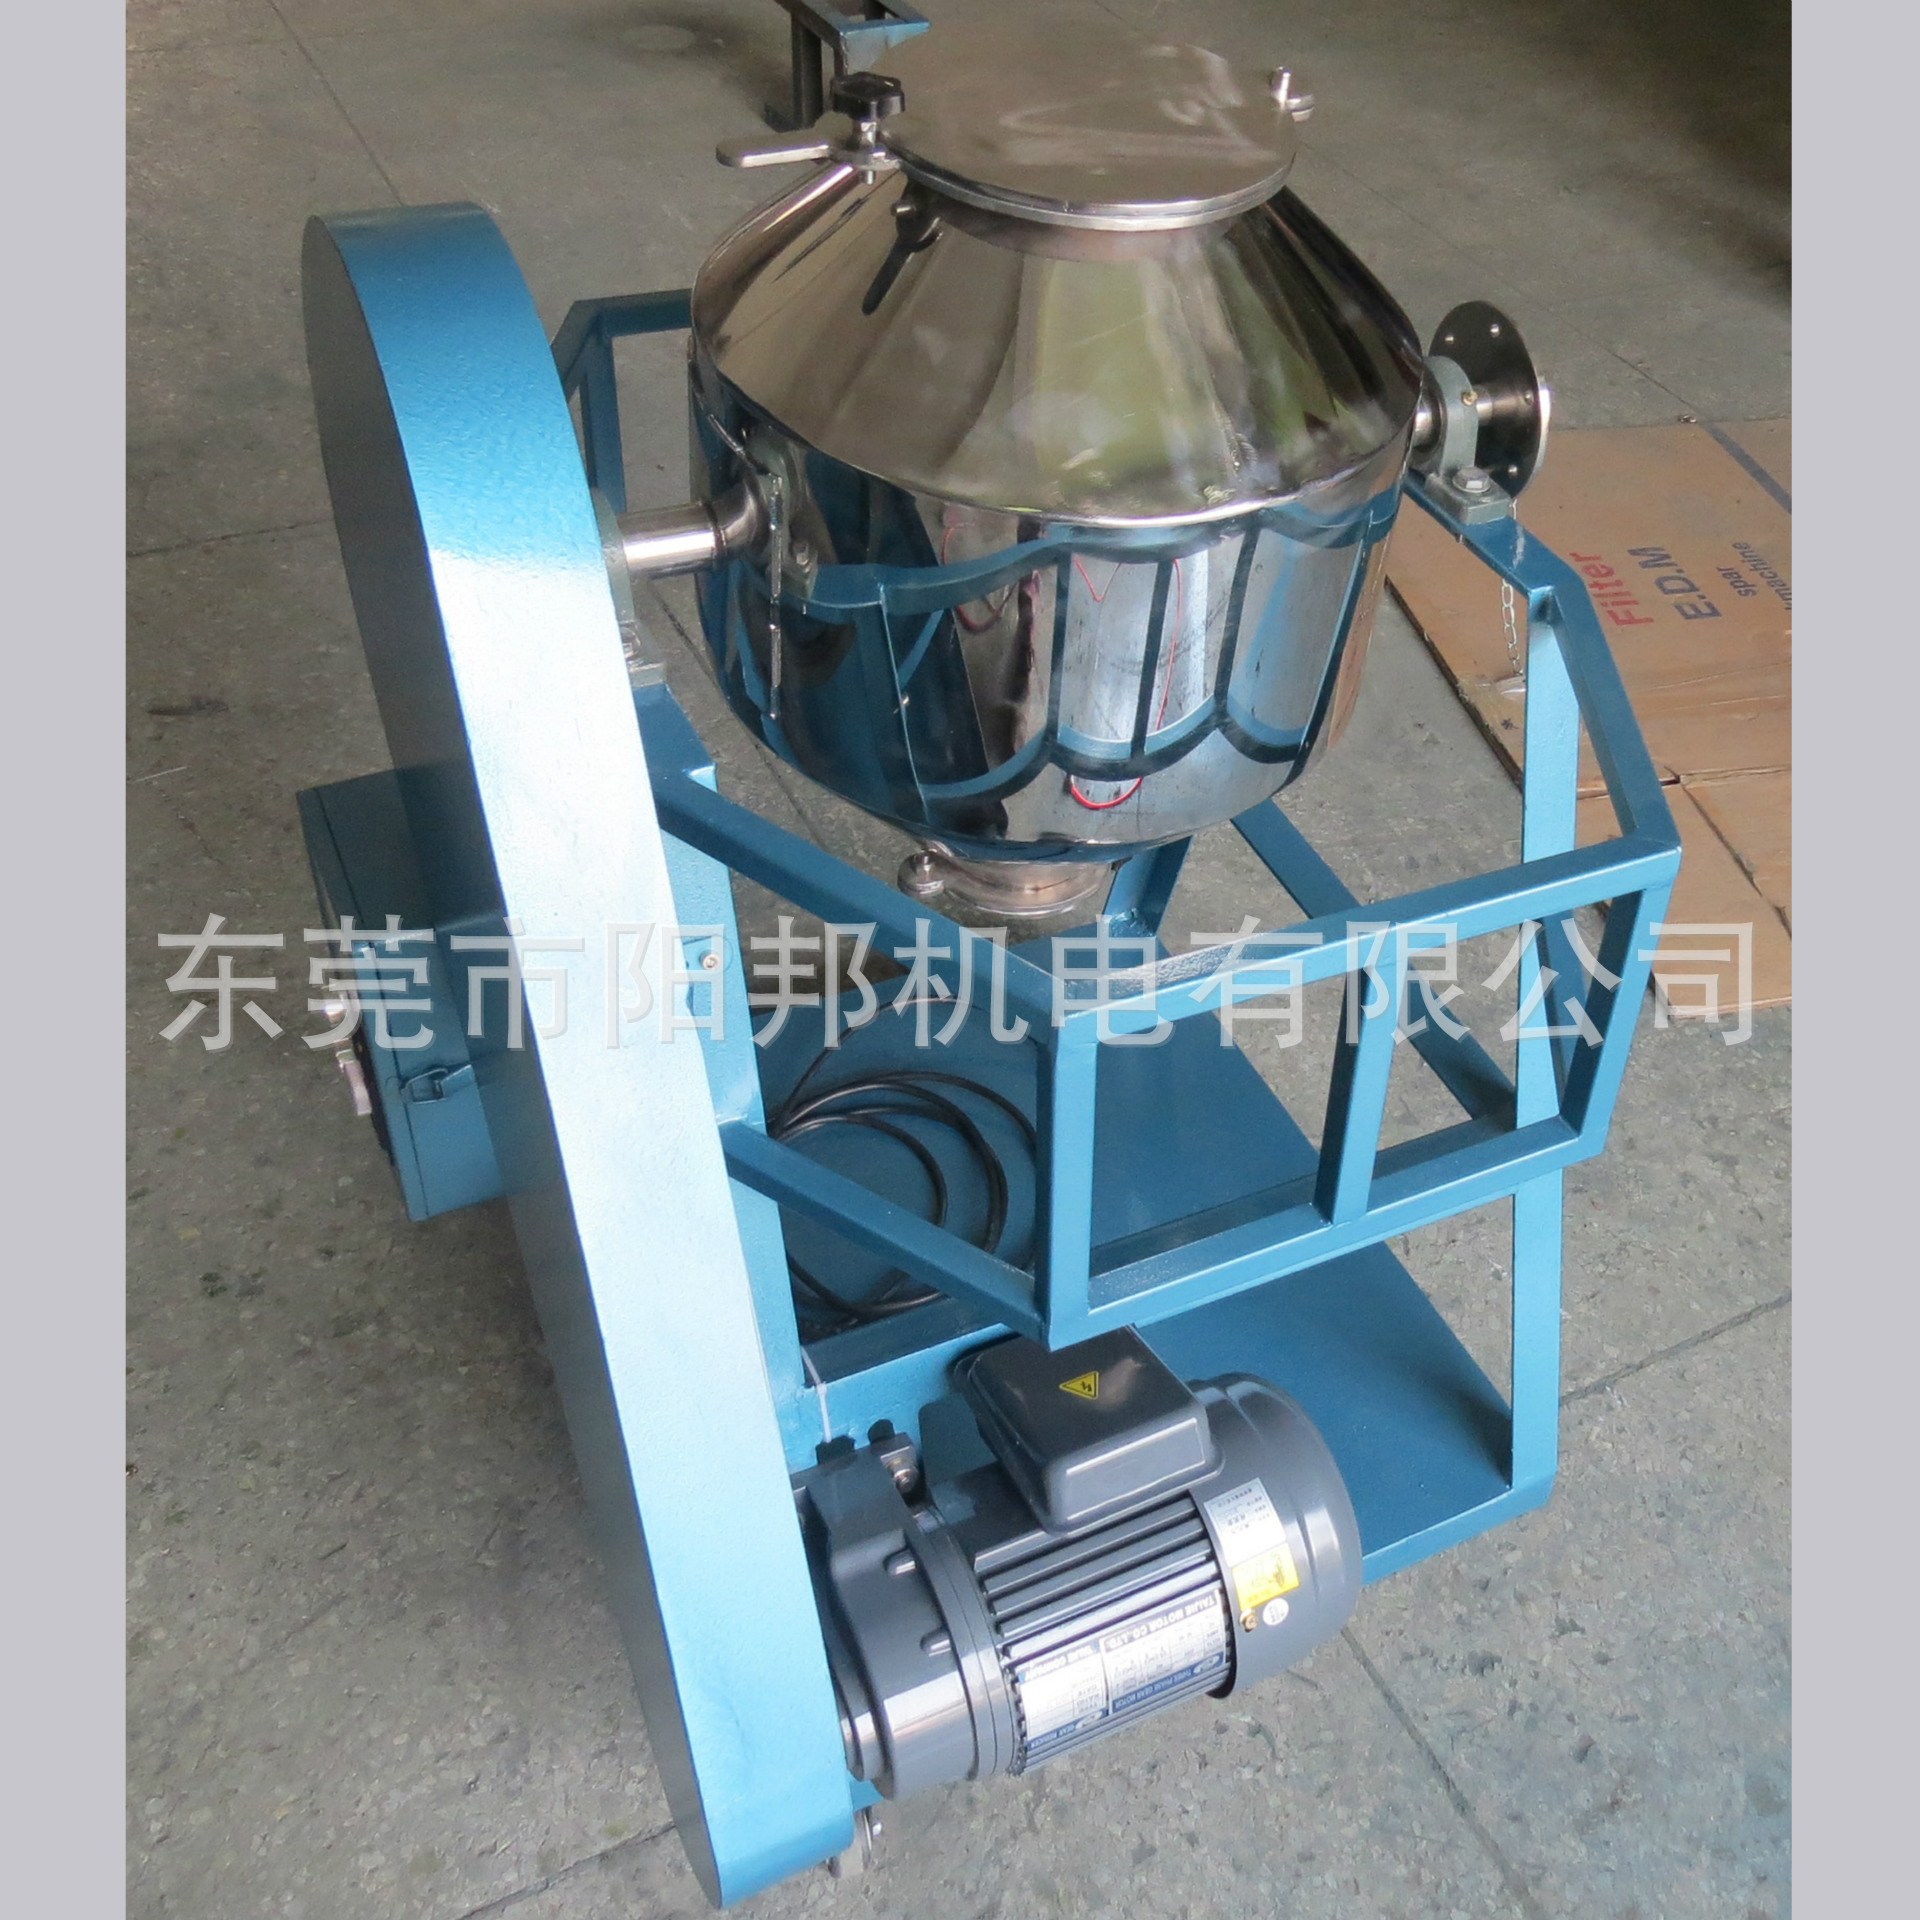 【阳邦】大量供应注塑拌料专用混色机 25kg优质工业滚桶式混色机